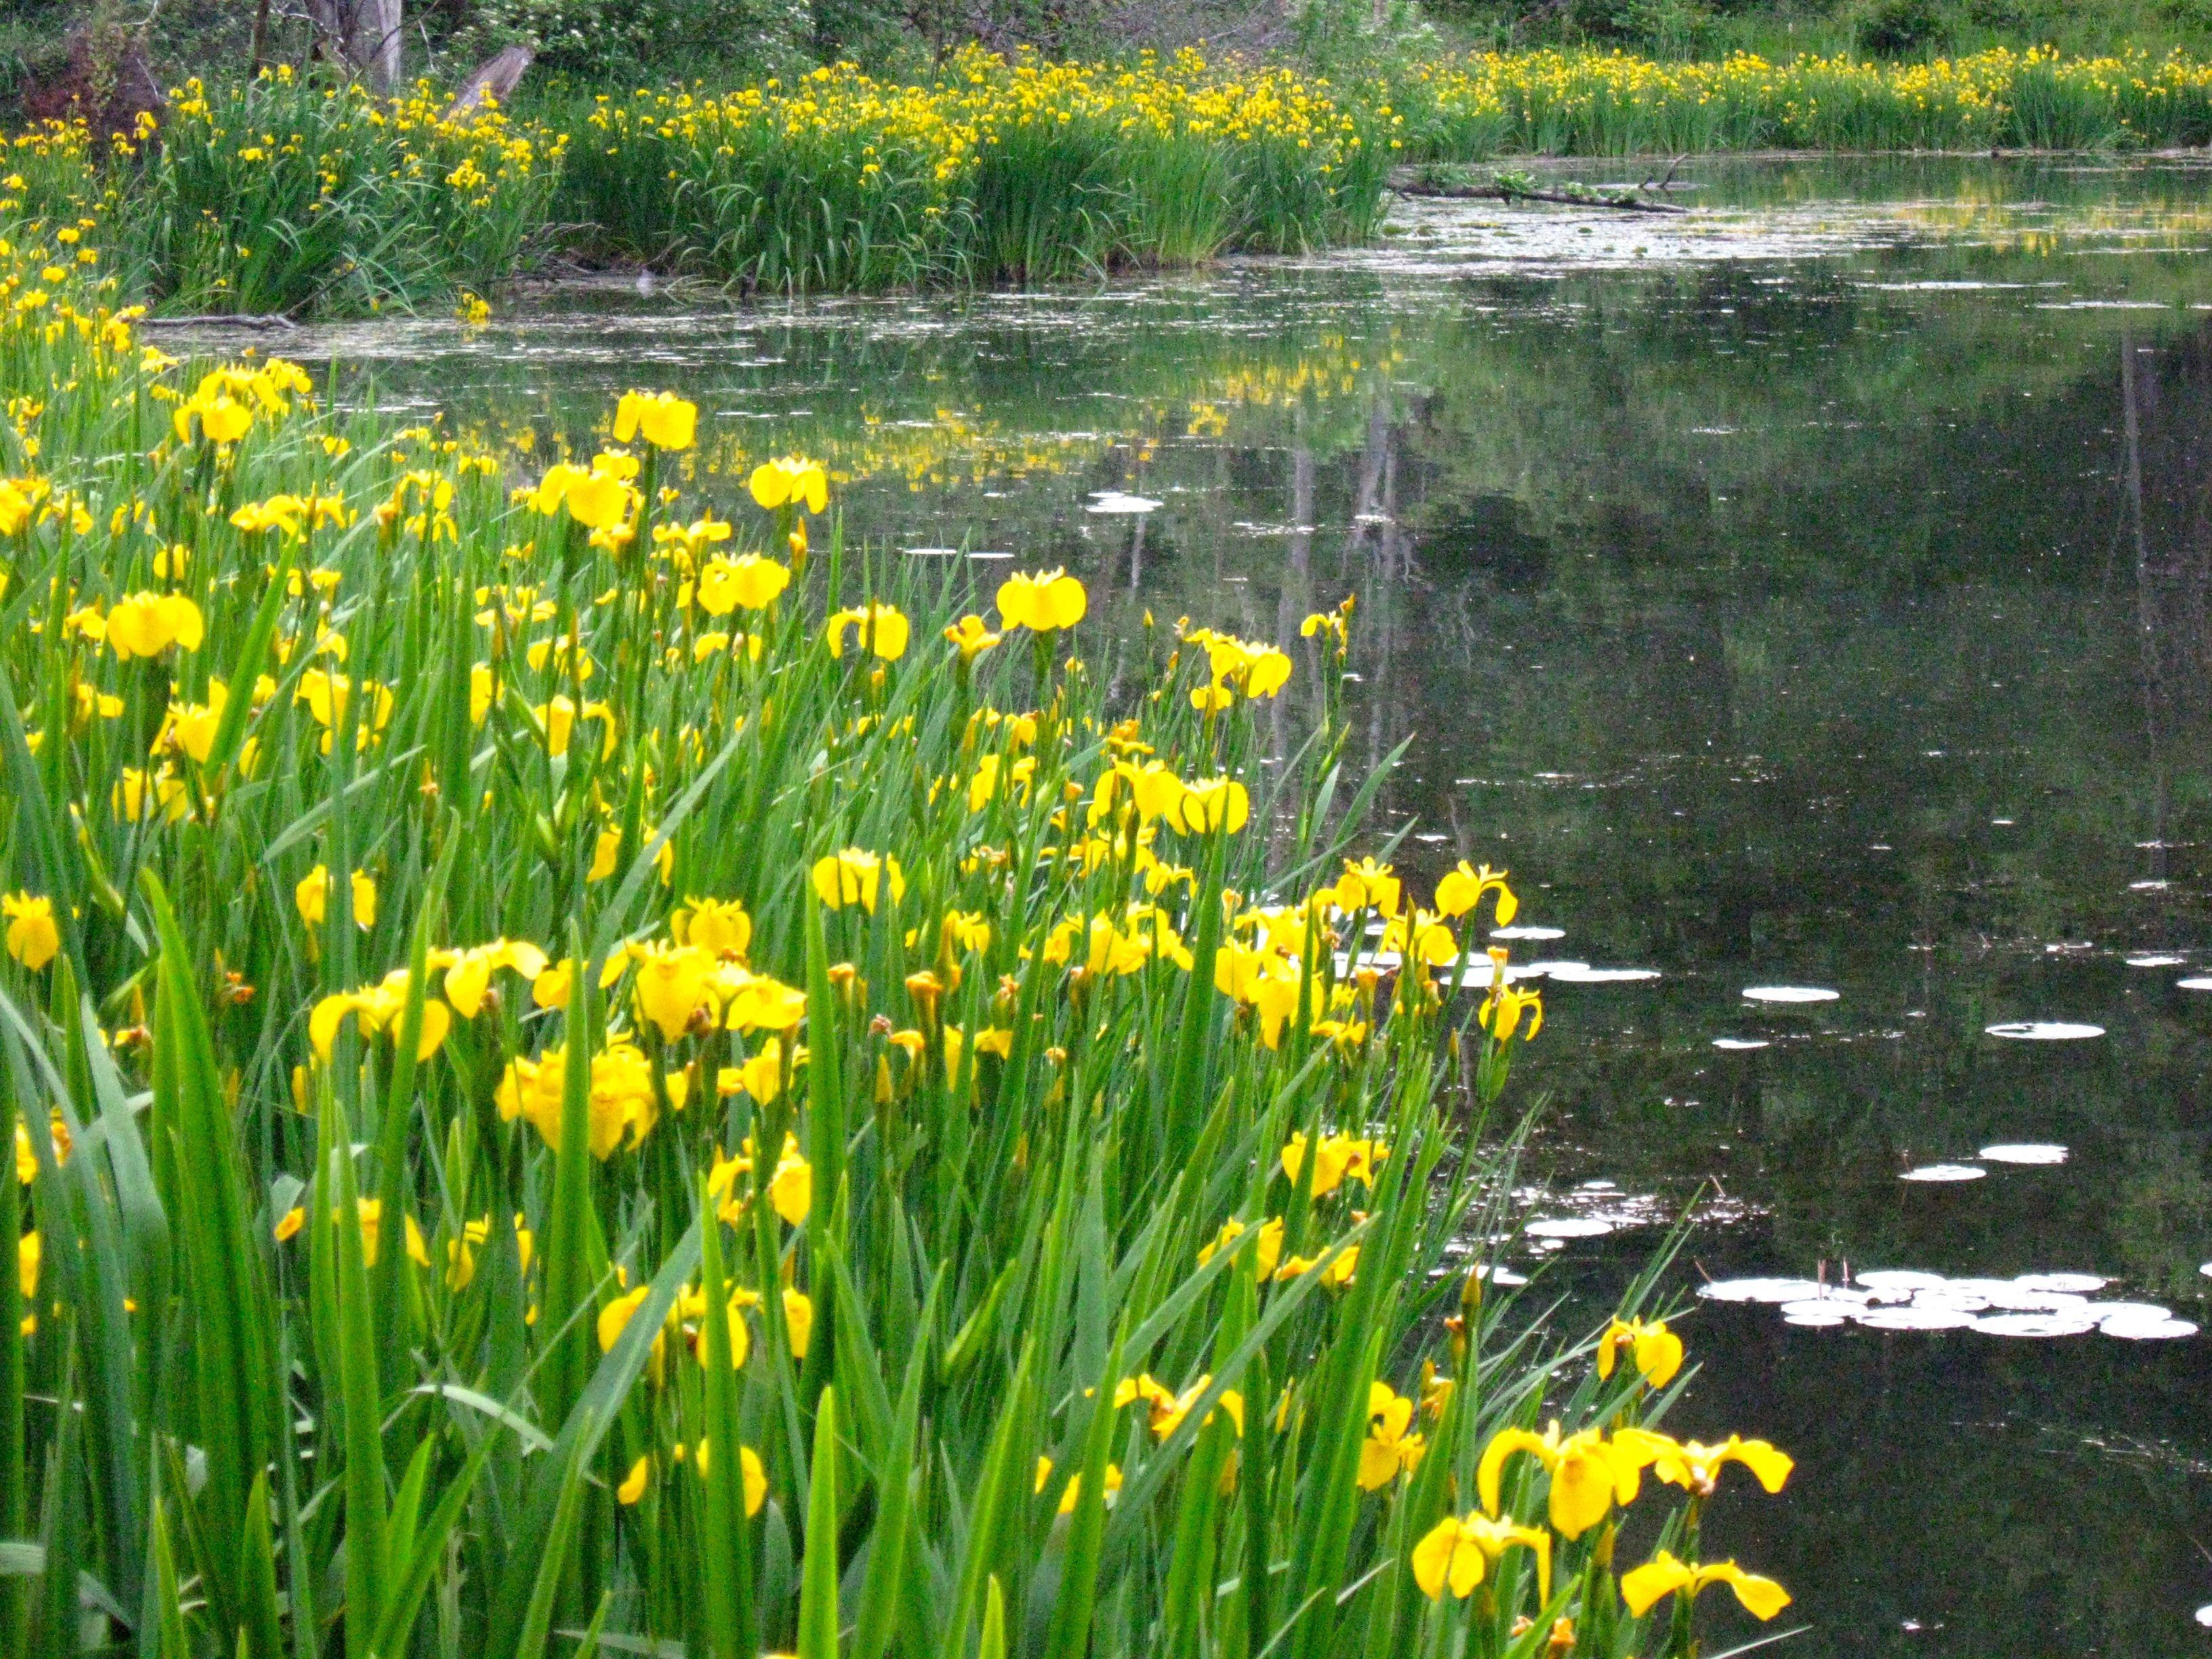 Iris growing around pond flowers pinterest pond iris and flowers iris growing around pond izmirmasajfo Choice Image